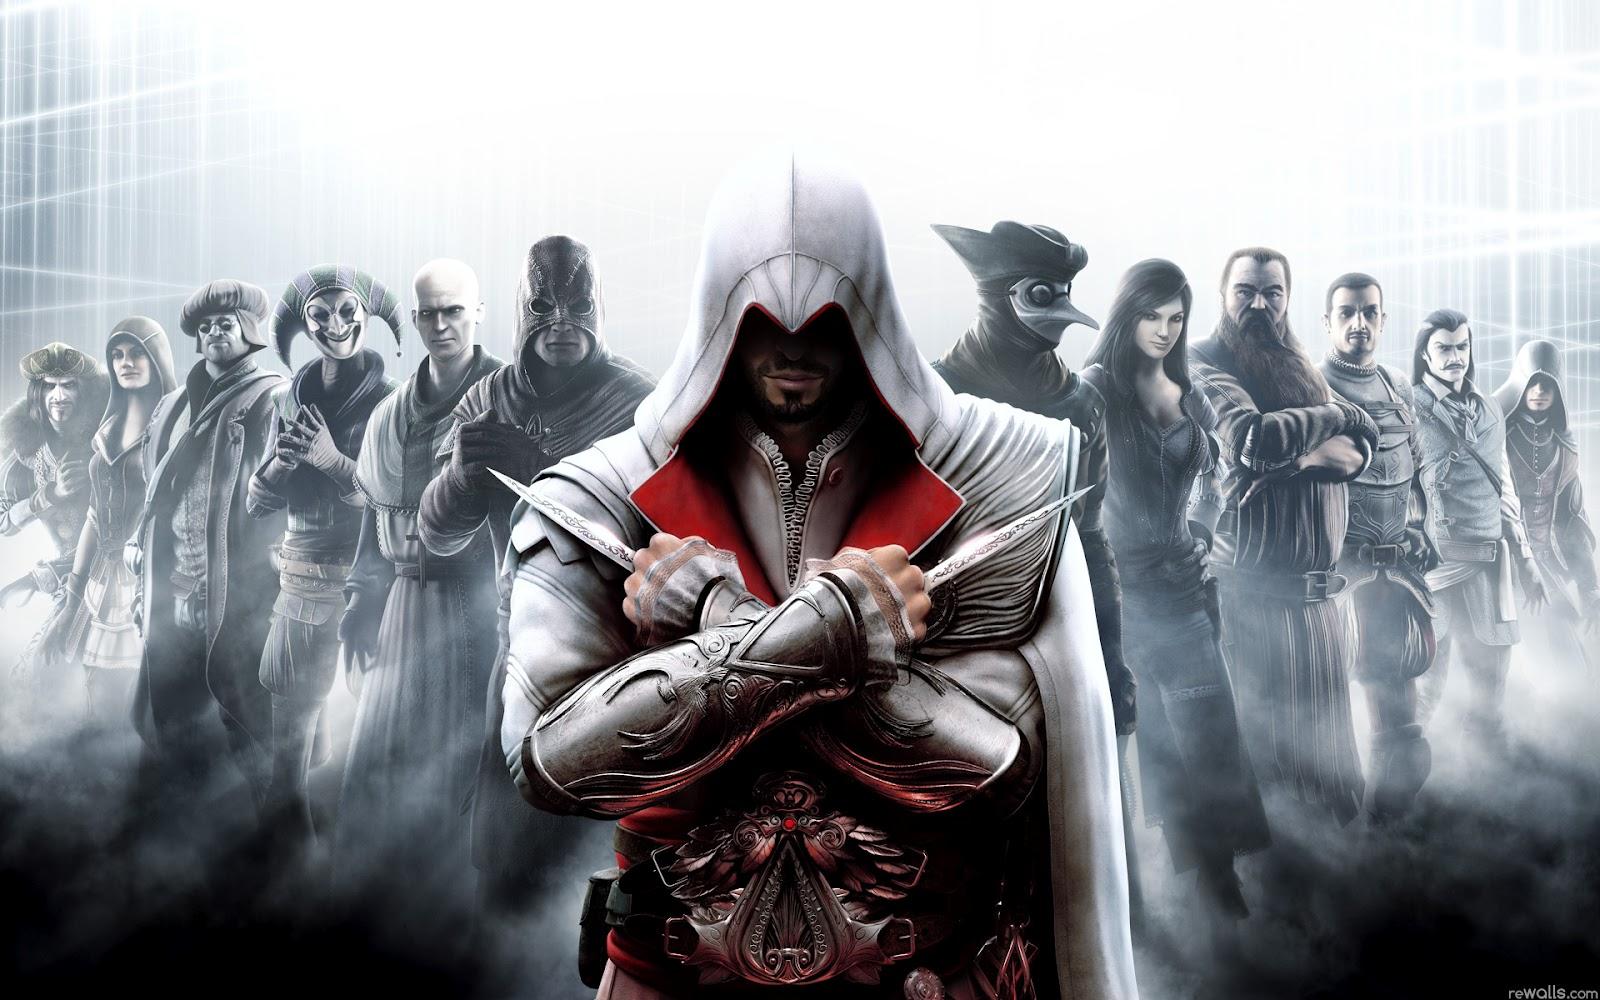 http://2.bp.blogspot.com/-HlxtnWu4eAs/T90Dn1h2FeI/AAAAAAAAfdM/dlqQGg84ZjE/s1600/Assassins-Creed-Brotherhood_Imagenes-de-Fondo-de-Juegos.jpg